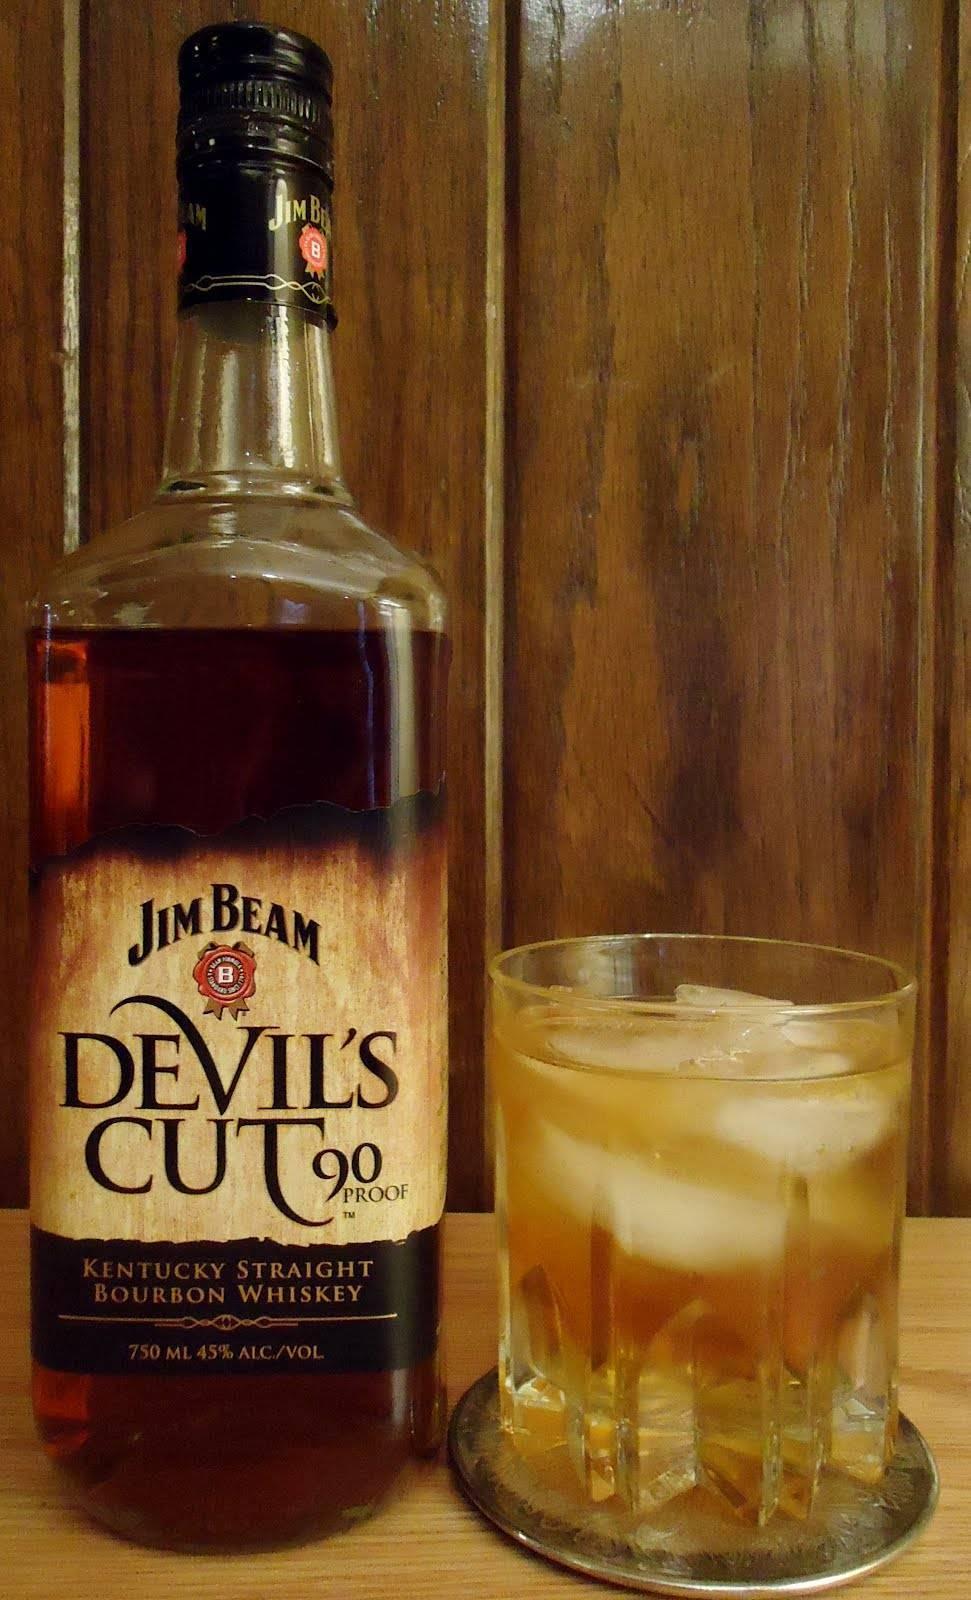 Виски джим бим - описание бурбона, с чем пить, разновидности, история